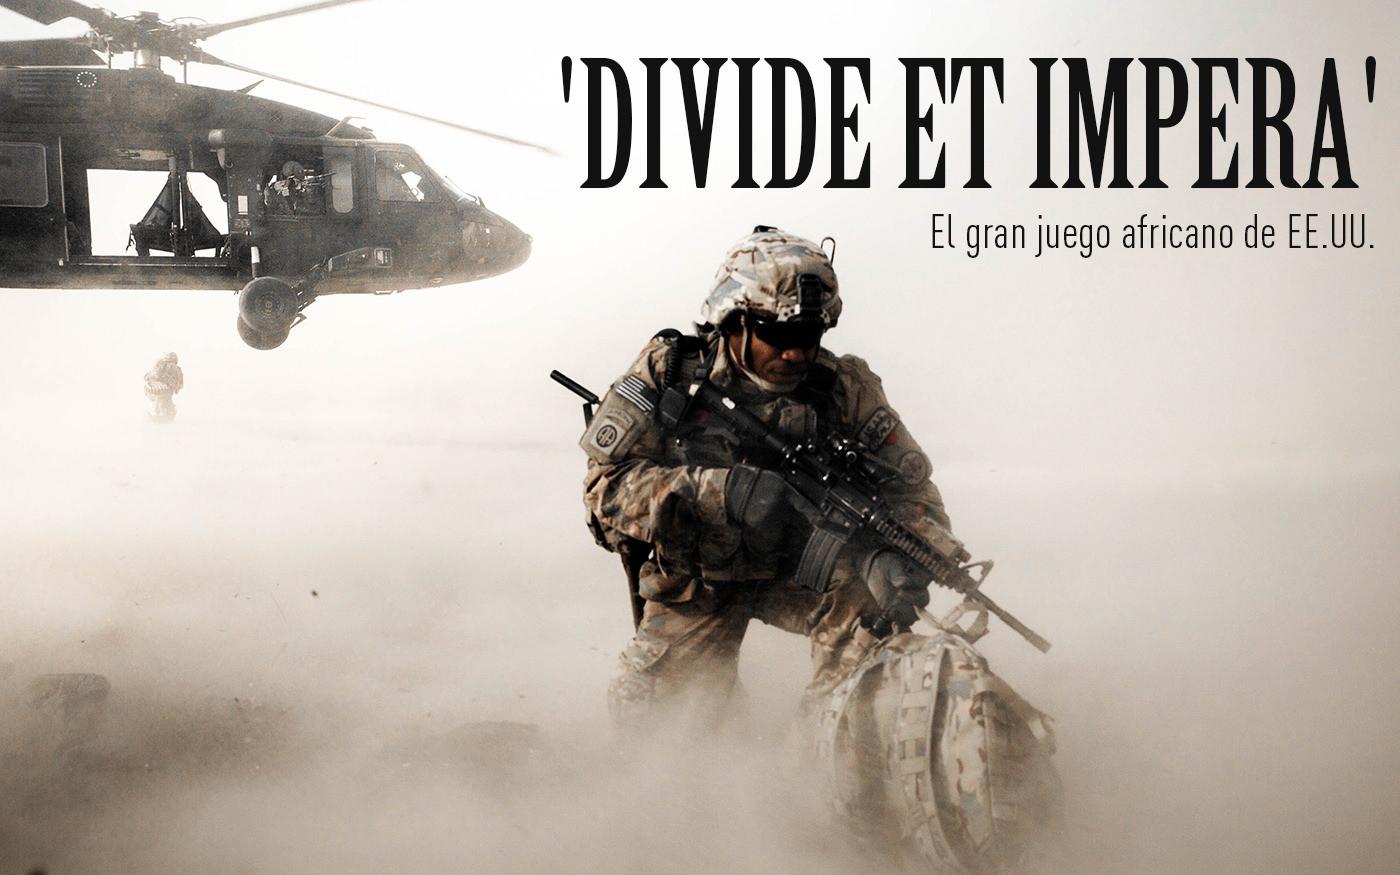 'Divide et impera': El gran juego africano de EE.UU.»